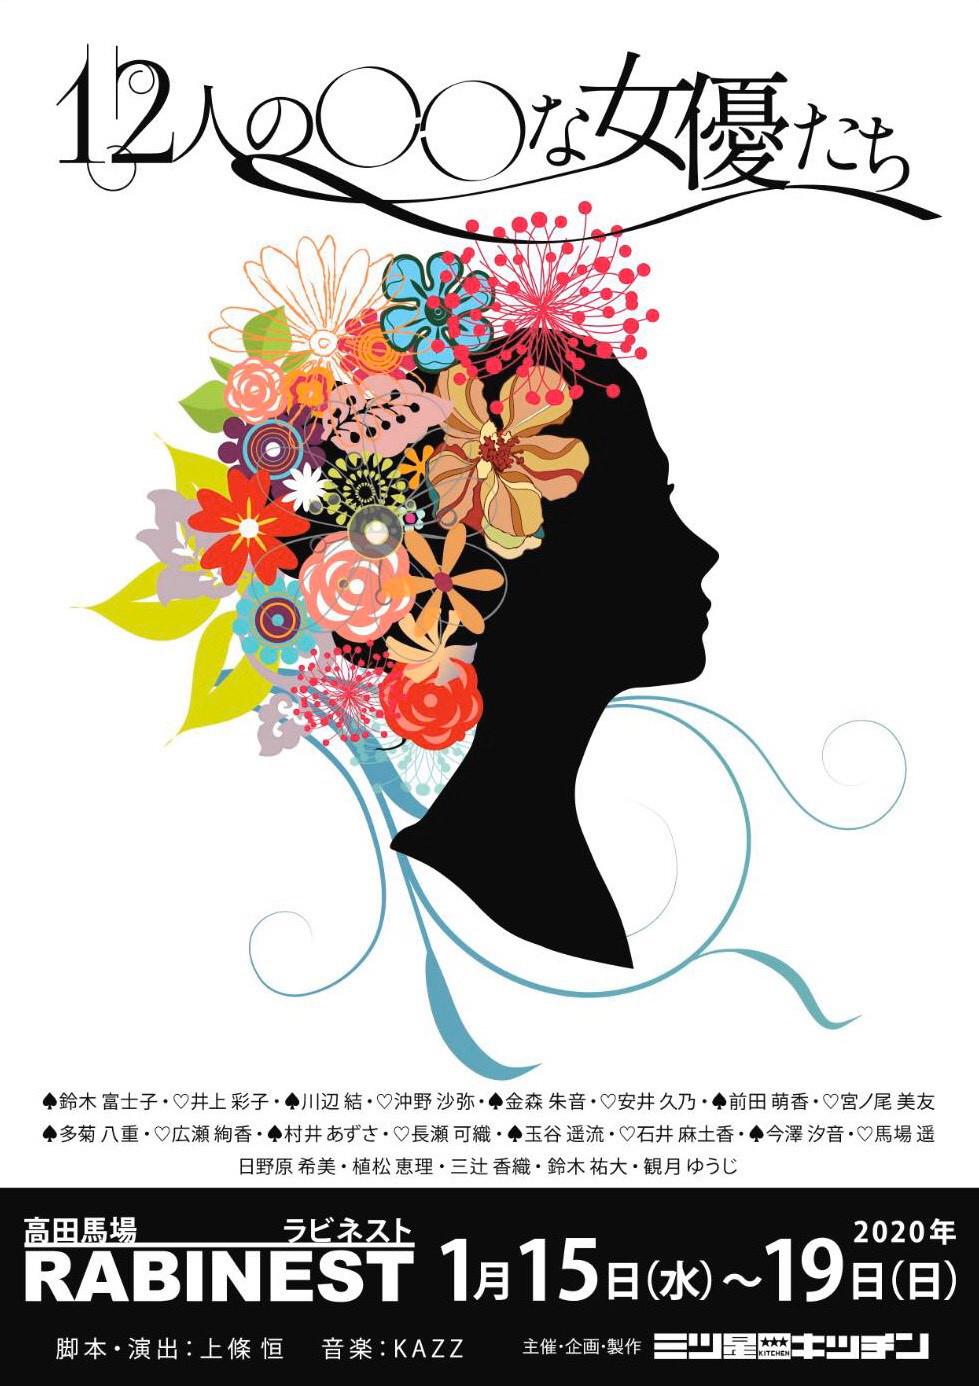 ◆観月ゆうじ出演情報◆2020年1月15日㈬~19日㈰三ッ星キッチンプログレス公演『12人の○○な女優たち』